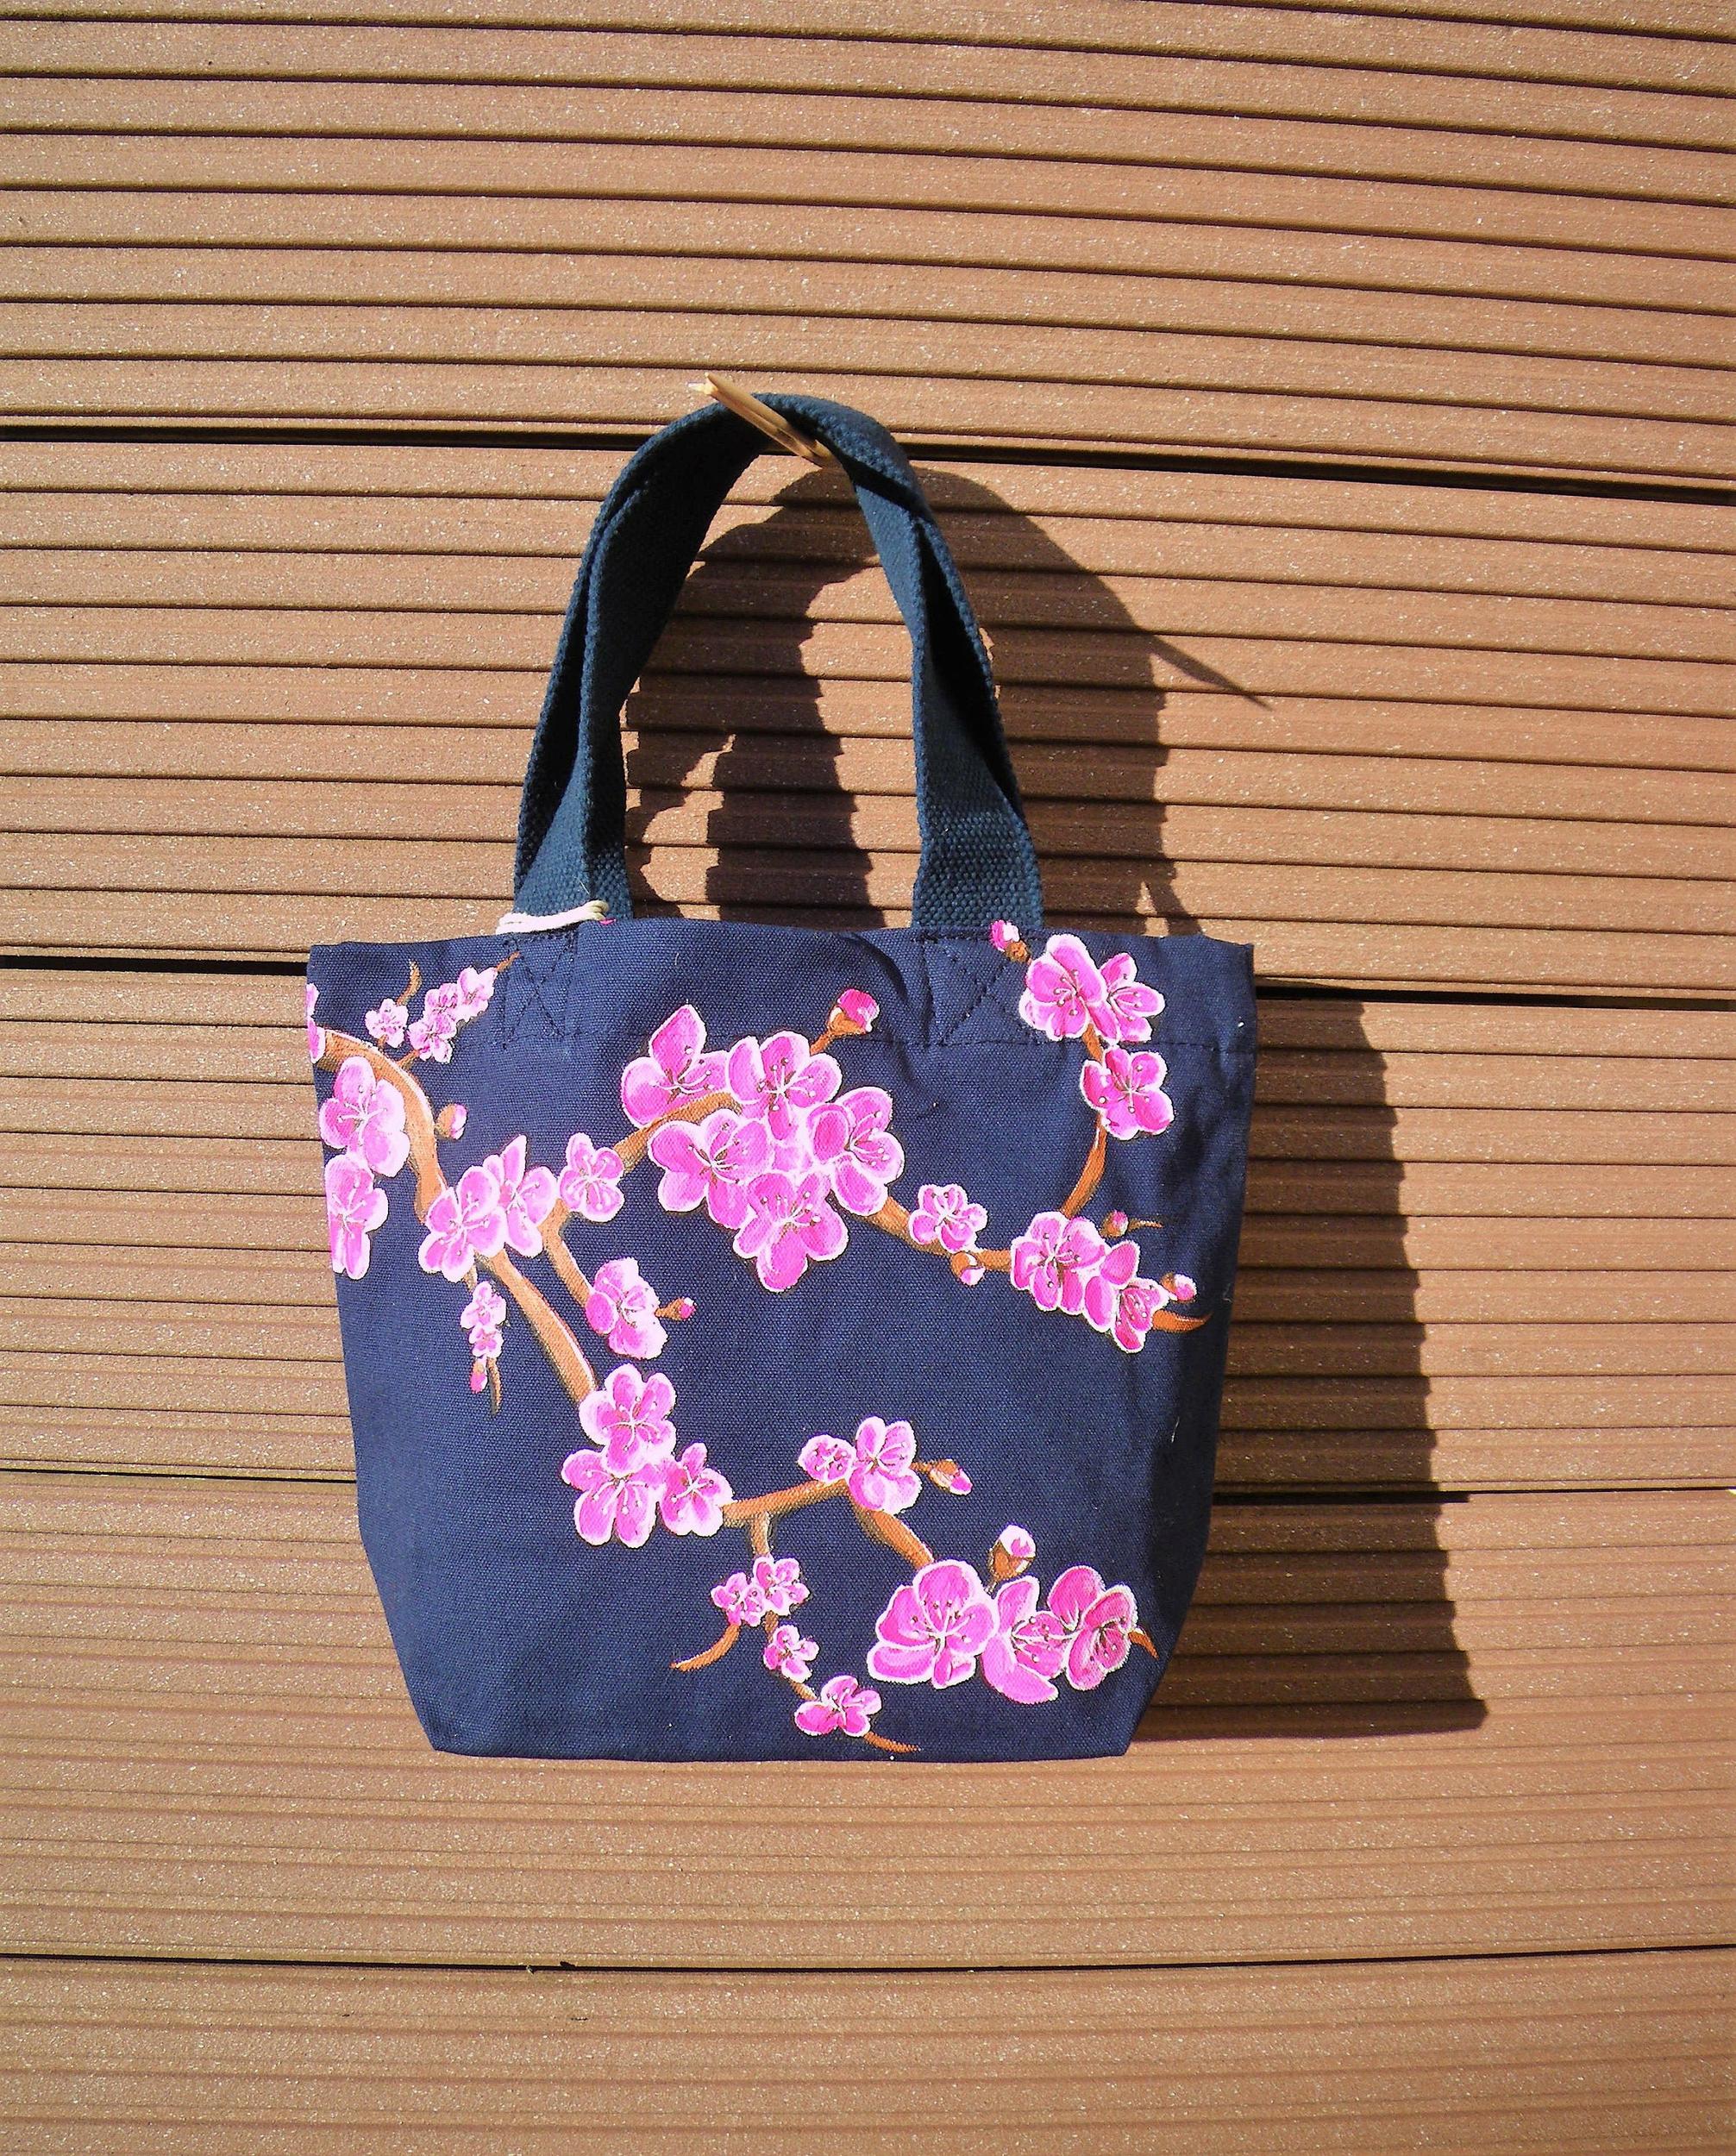 Sac coton bio avec fleurs de cerisier.